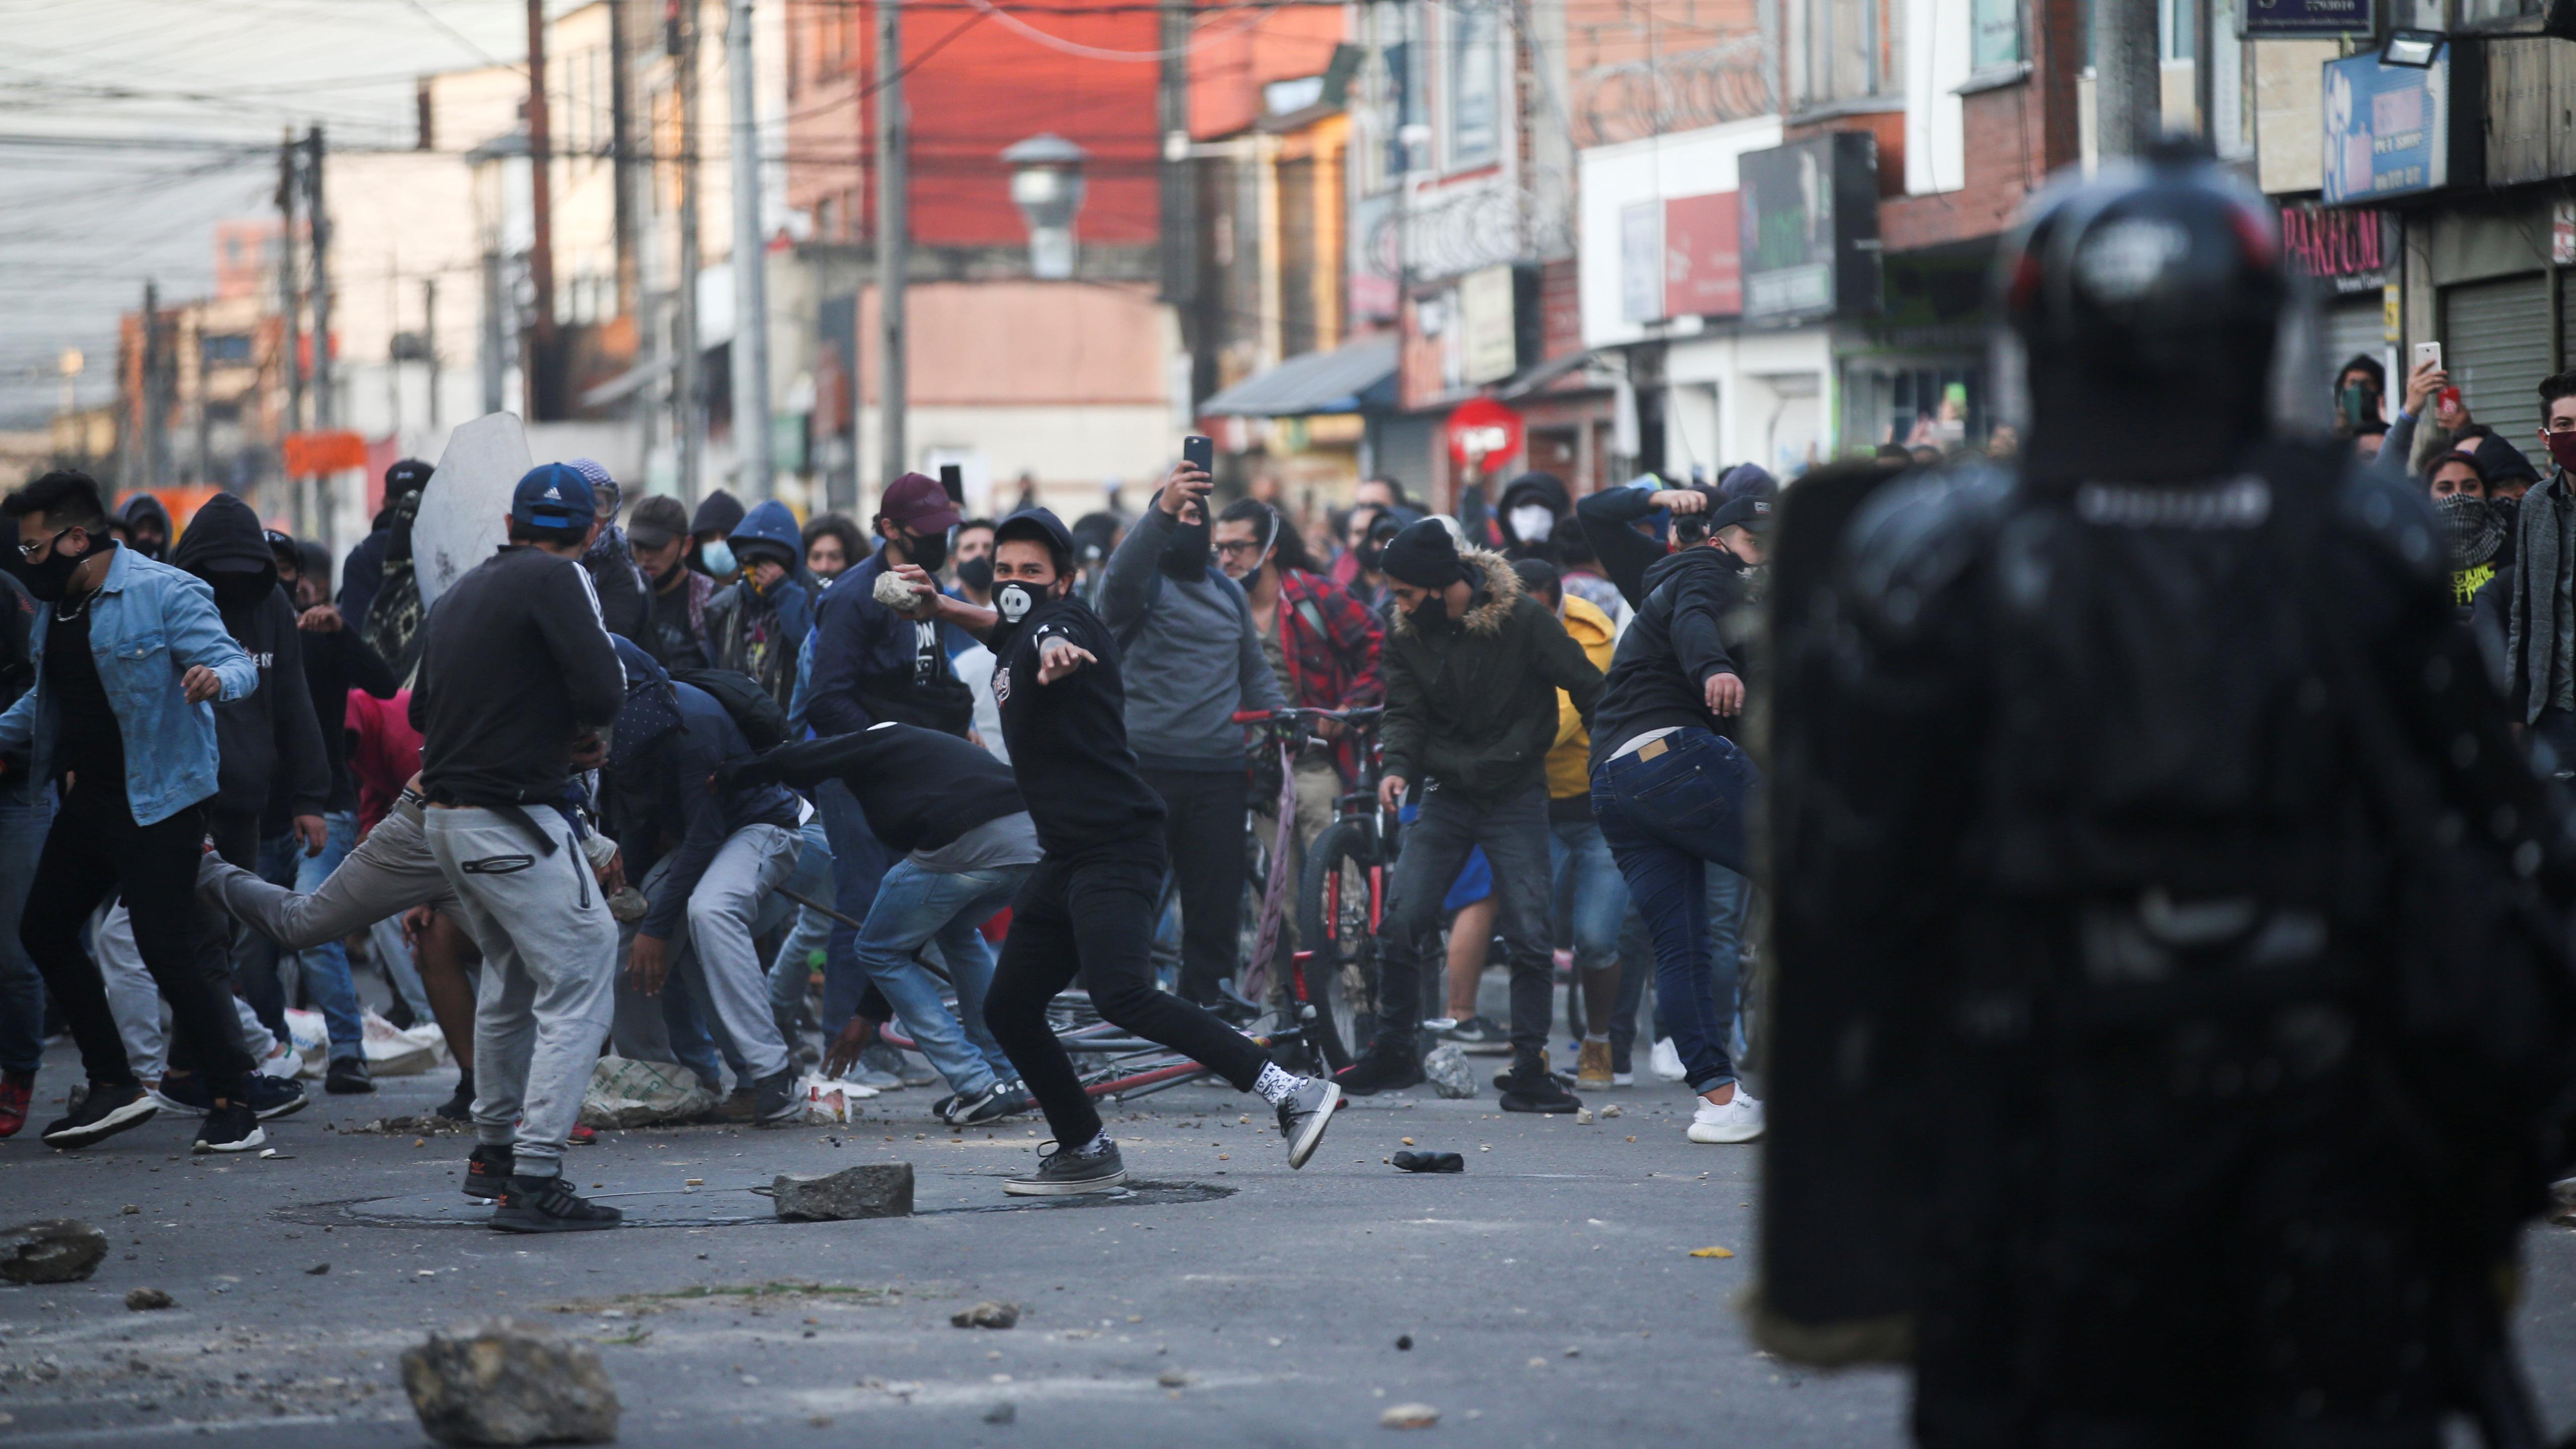 Los enfrentamientos entre los uniformados y los manifestantes se prolongaron hasta bien entrada la noche no solo en Bogotá sino también en otras ciudades como Cali y Medellín.